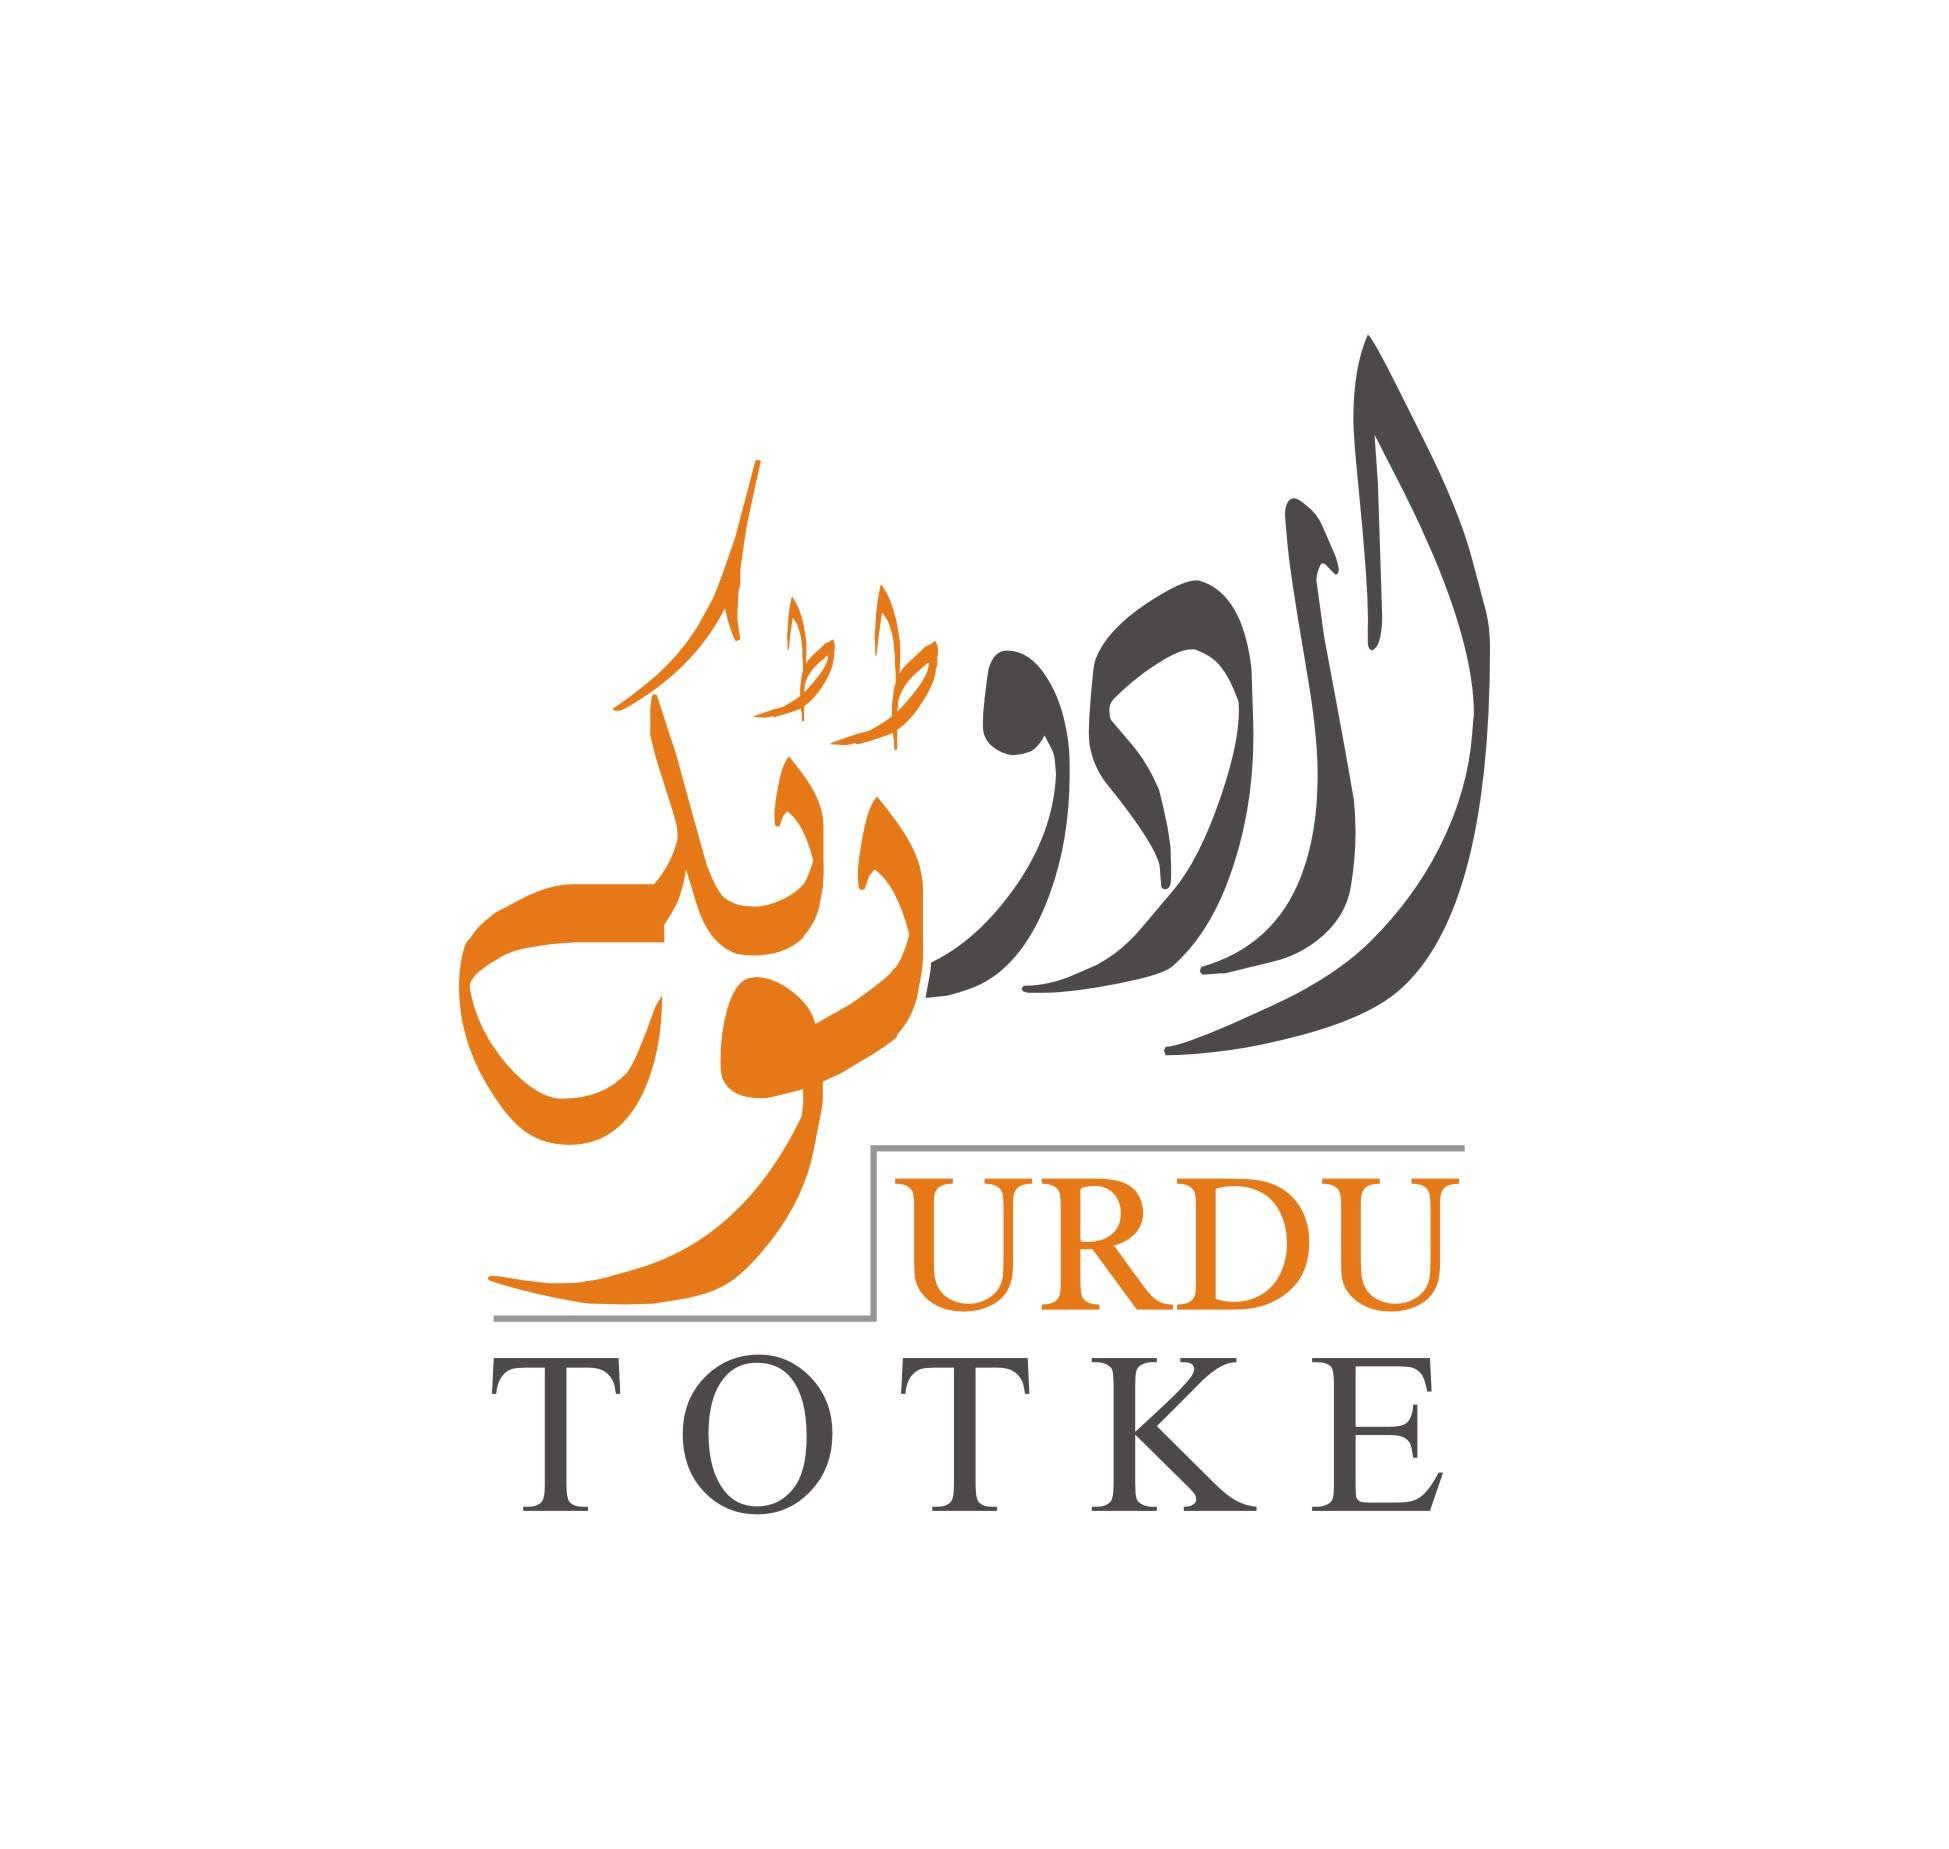 Urdu Totke